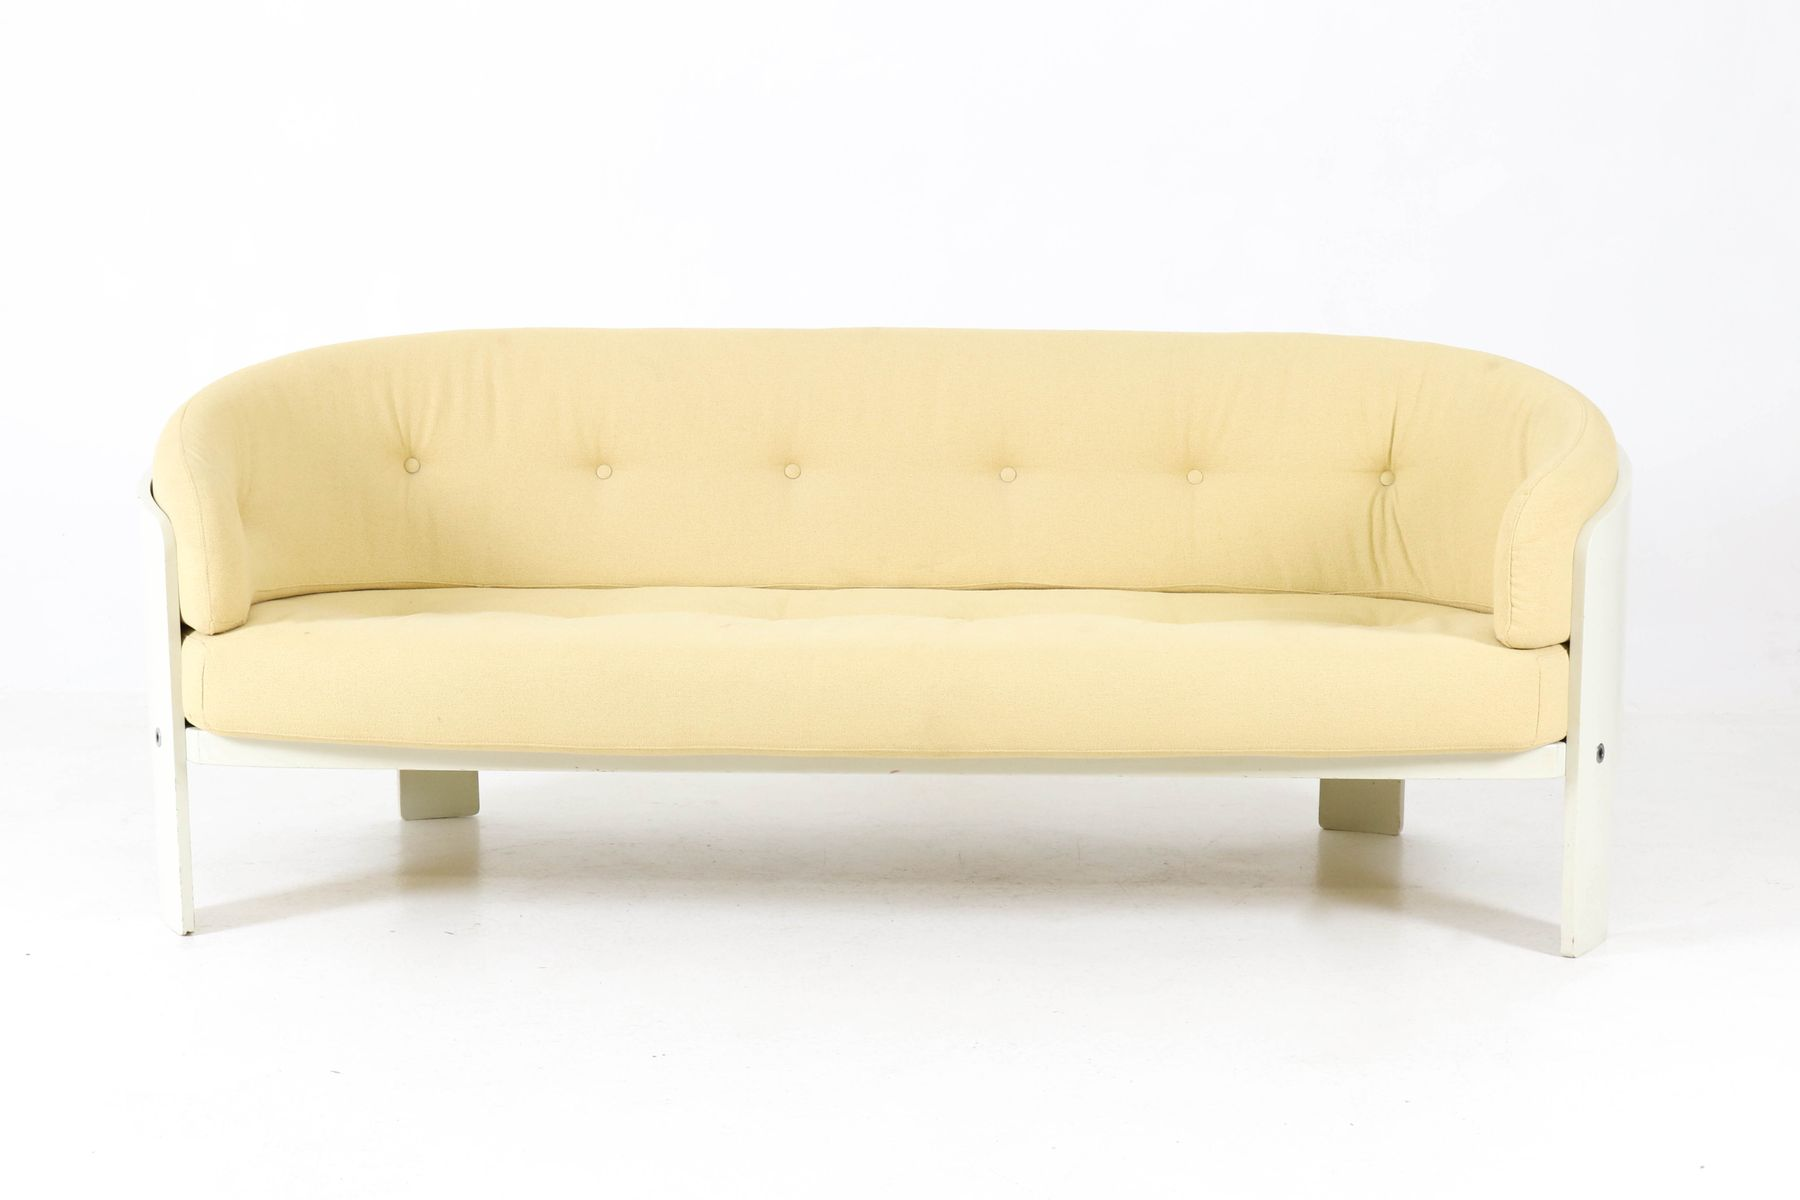 bz49 sofa von hans ell f r 39 t spectrum 1970er bei pamono kaufen. Black Bedroom Furniture Sets. Home Design Ideas